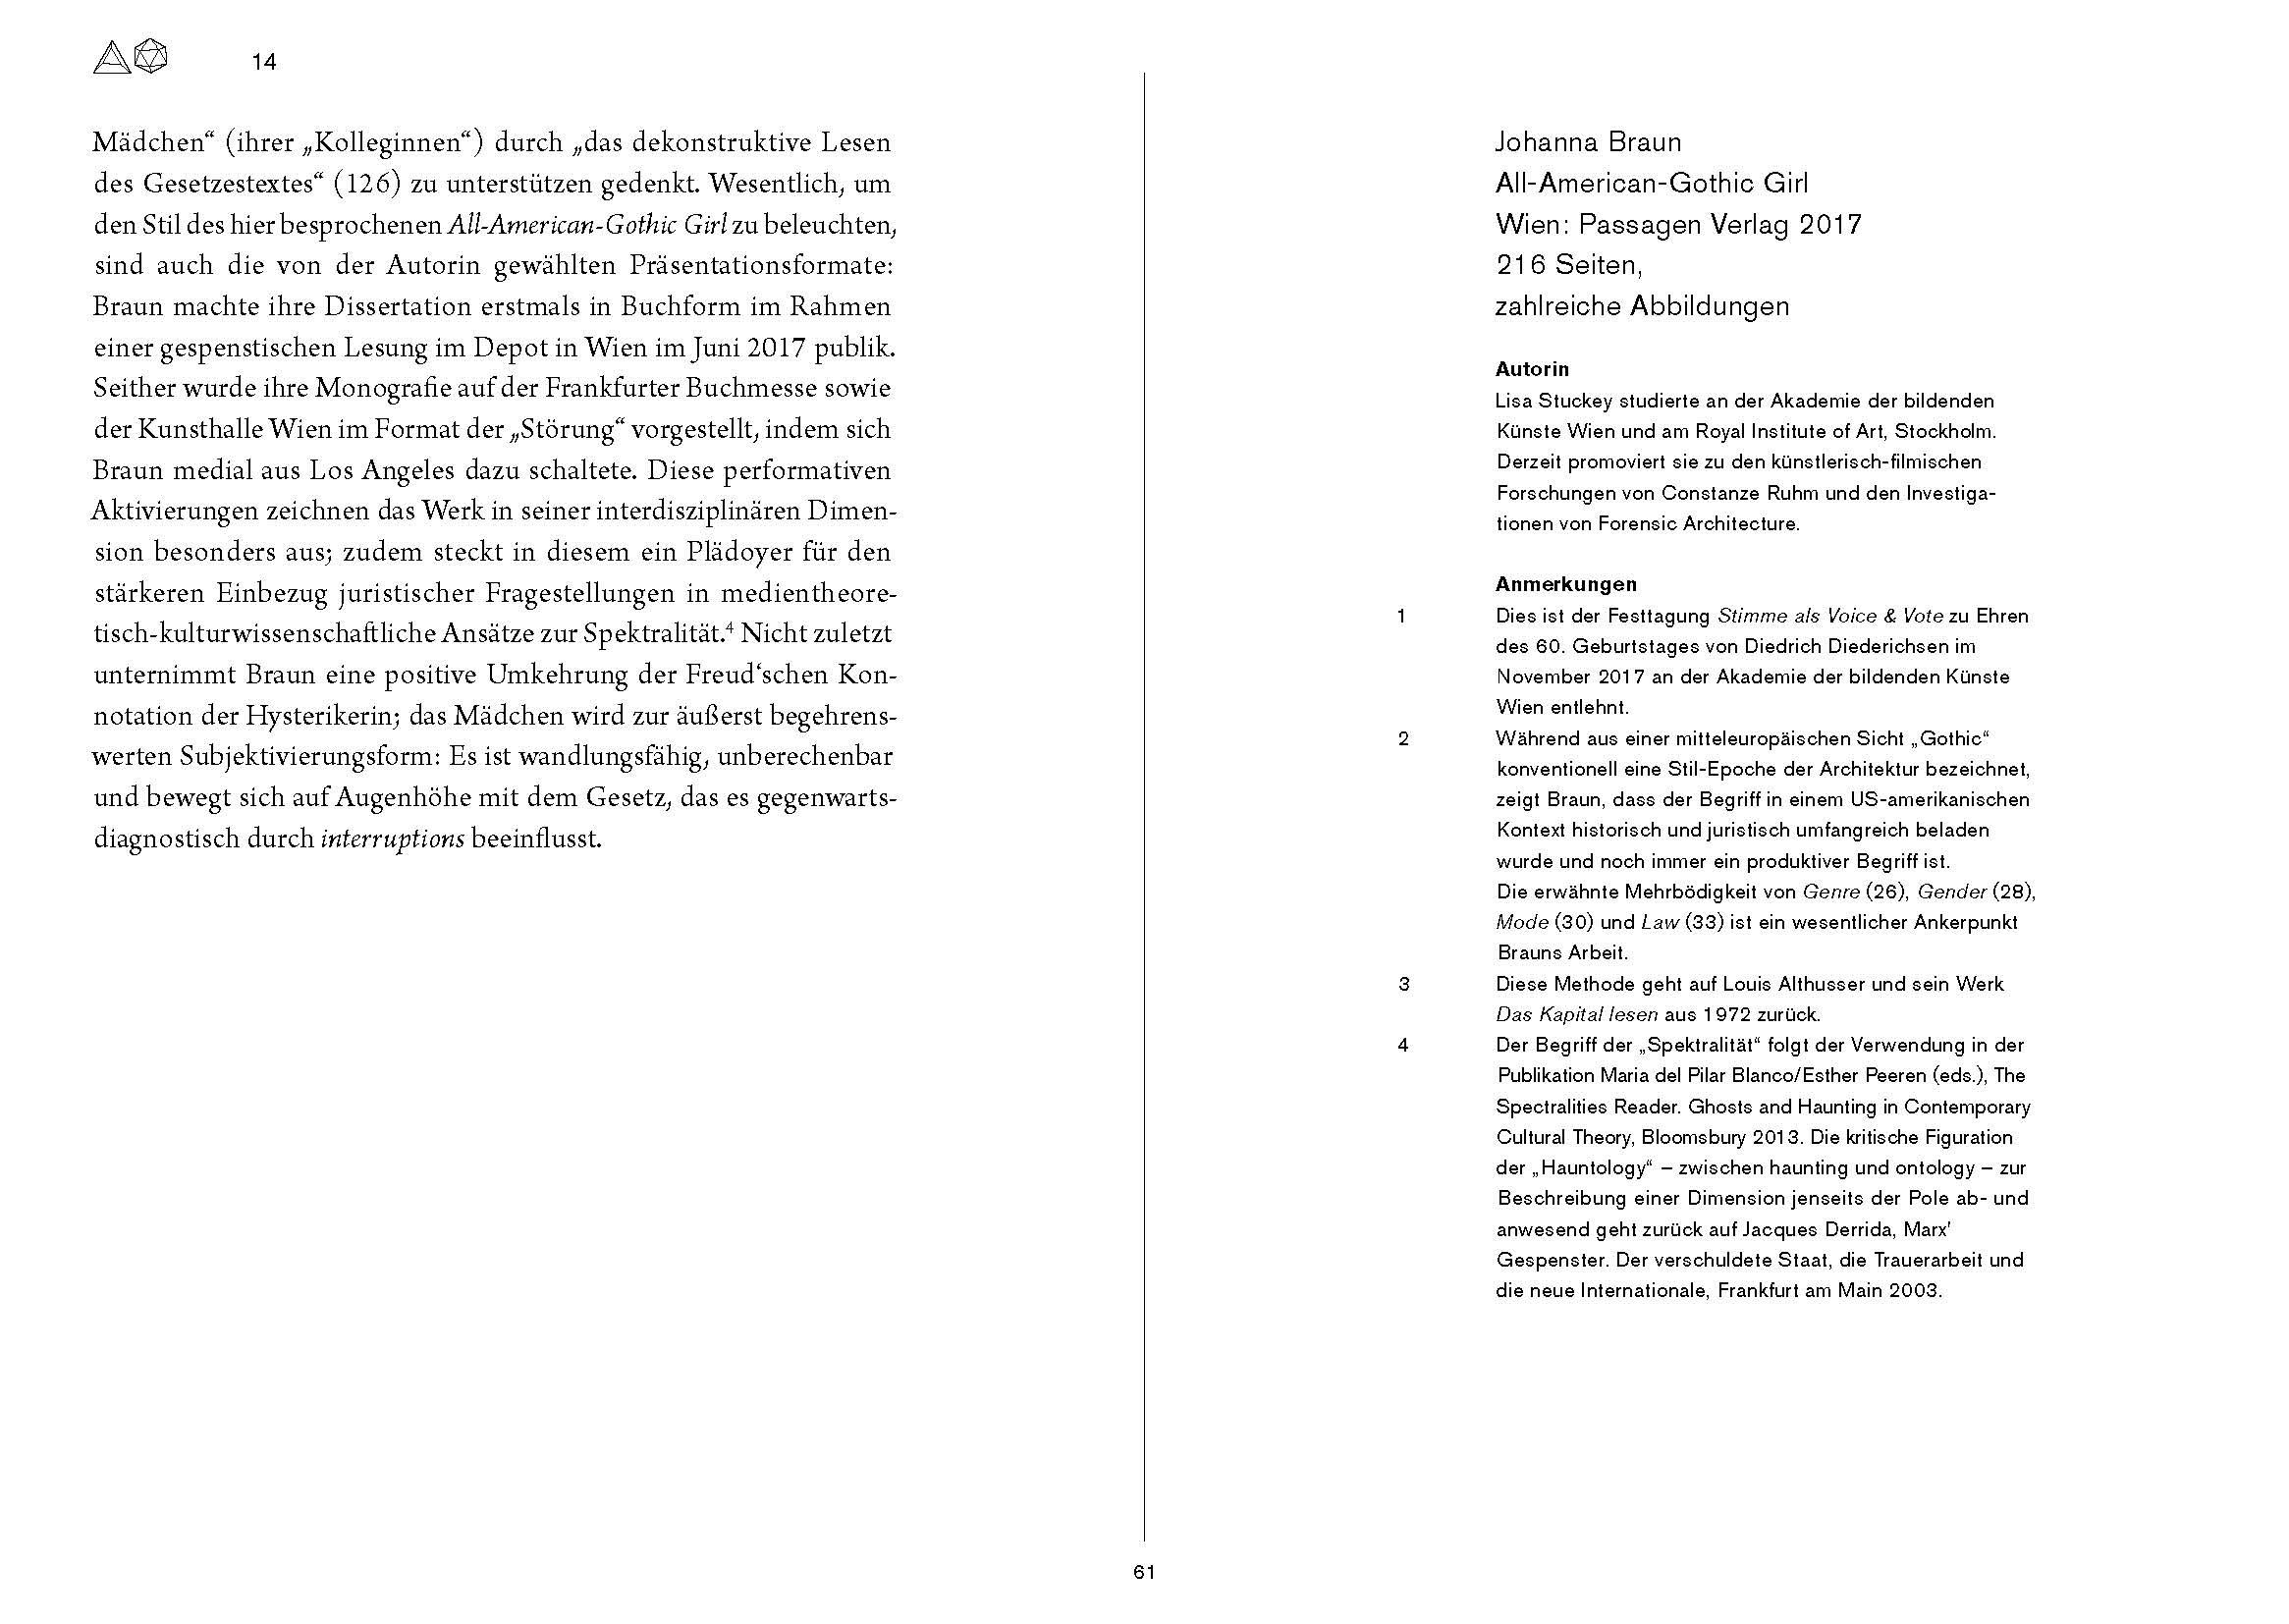 Lisa-Stuckey-Diagnostische-Unterbrechungen-all-over-14._Seite_5.jpg